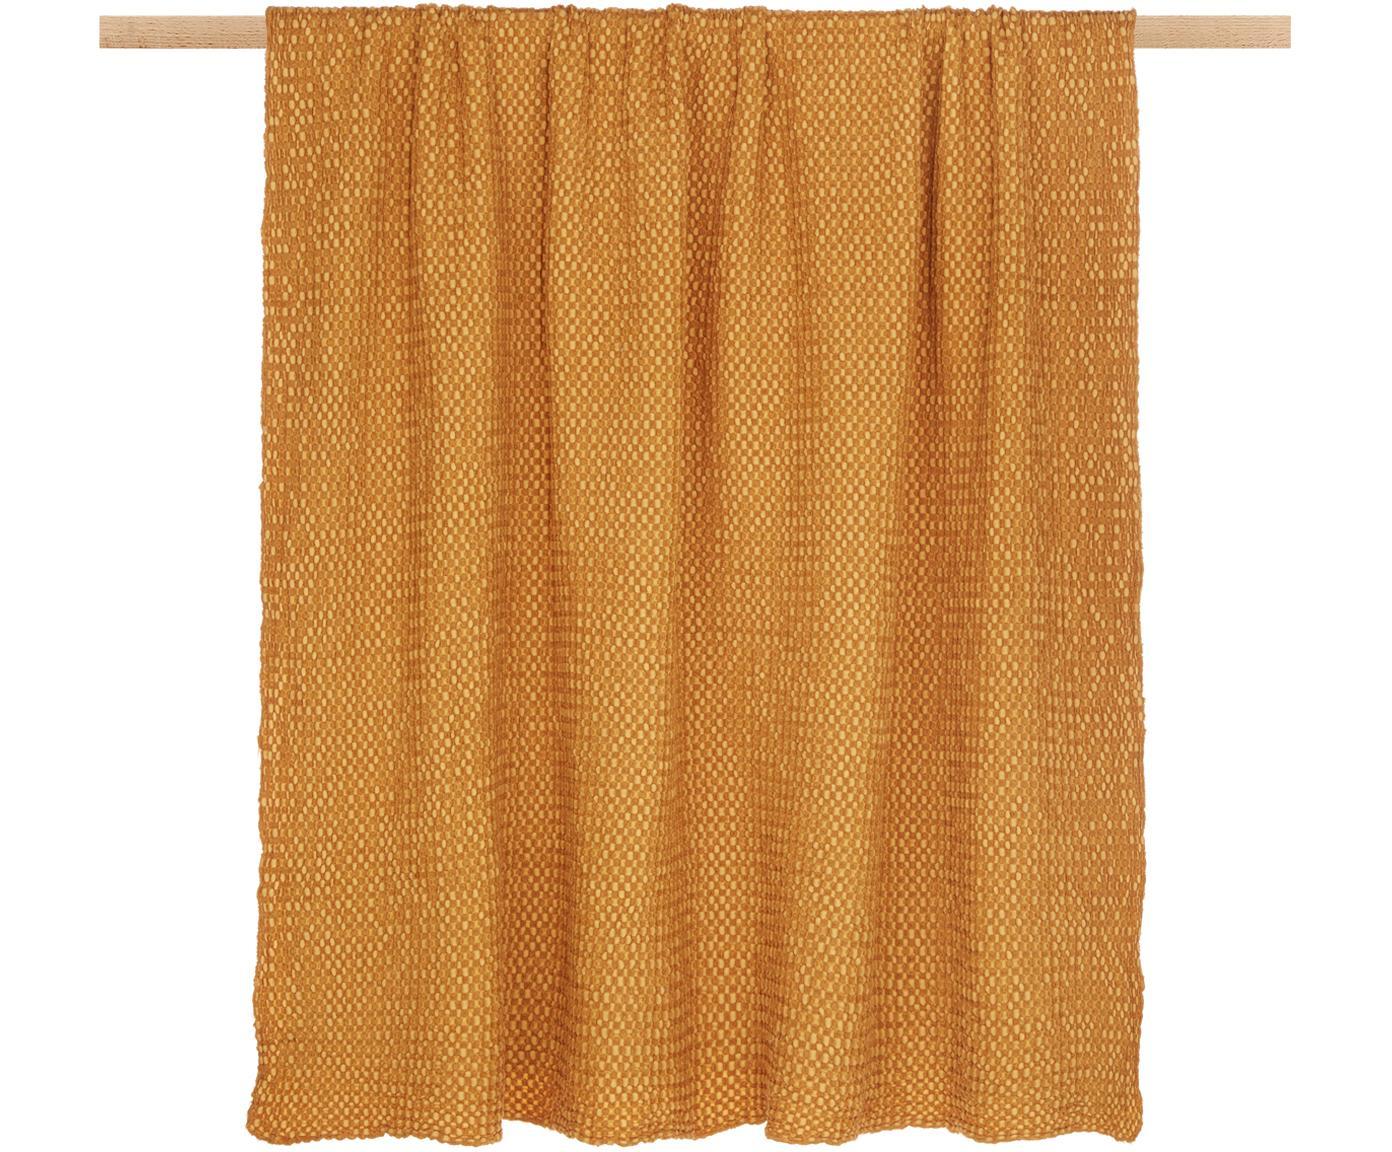 Manta de algodón Vigo, 100%algodón, Amarillo dorado, An 140 x L 200 cm